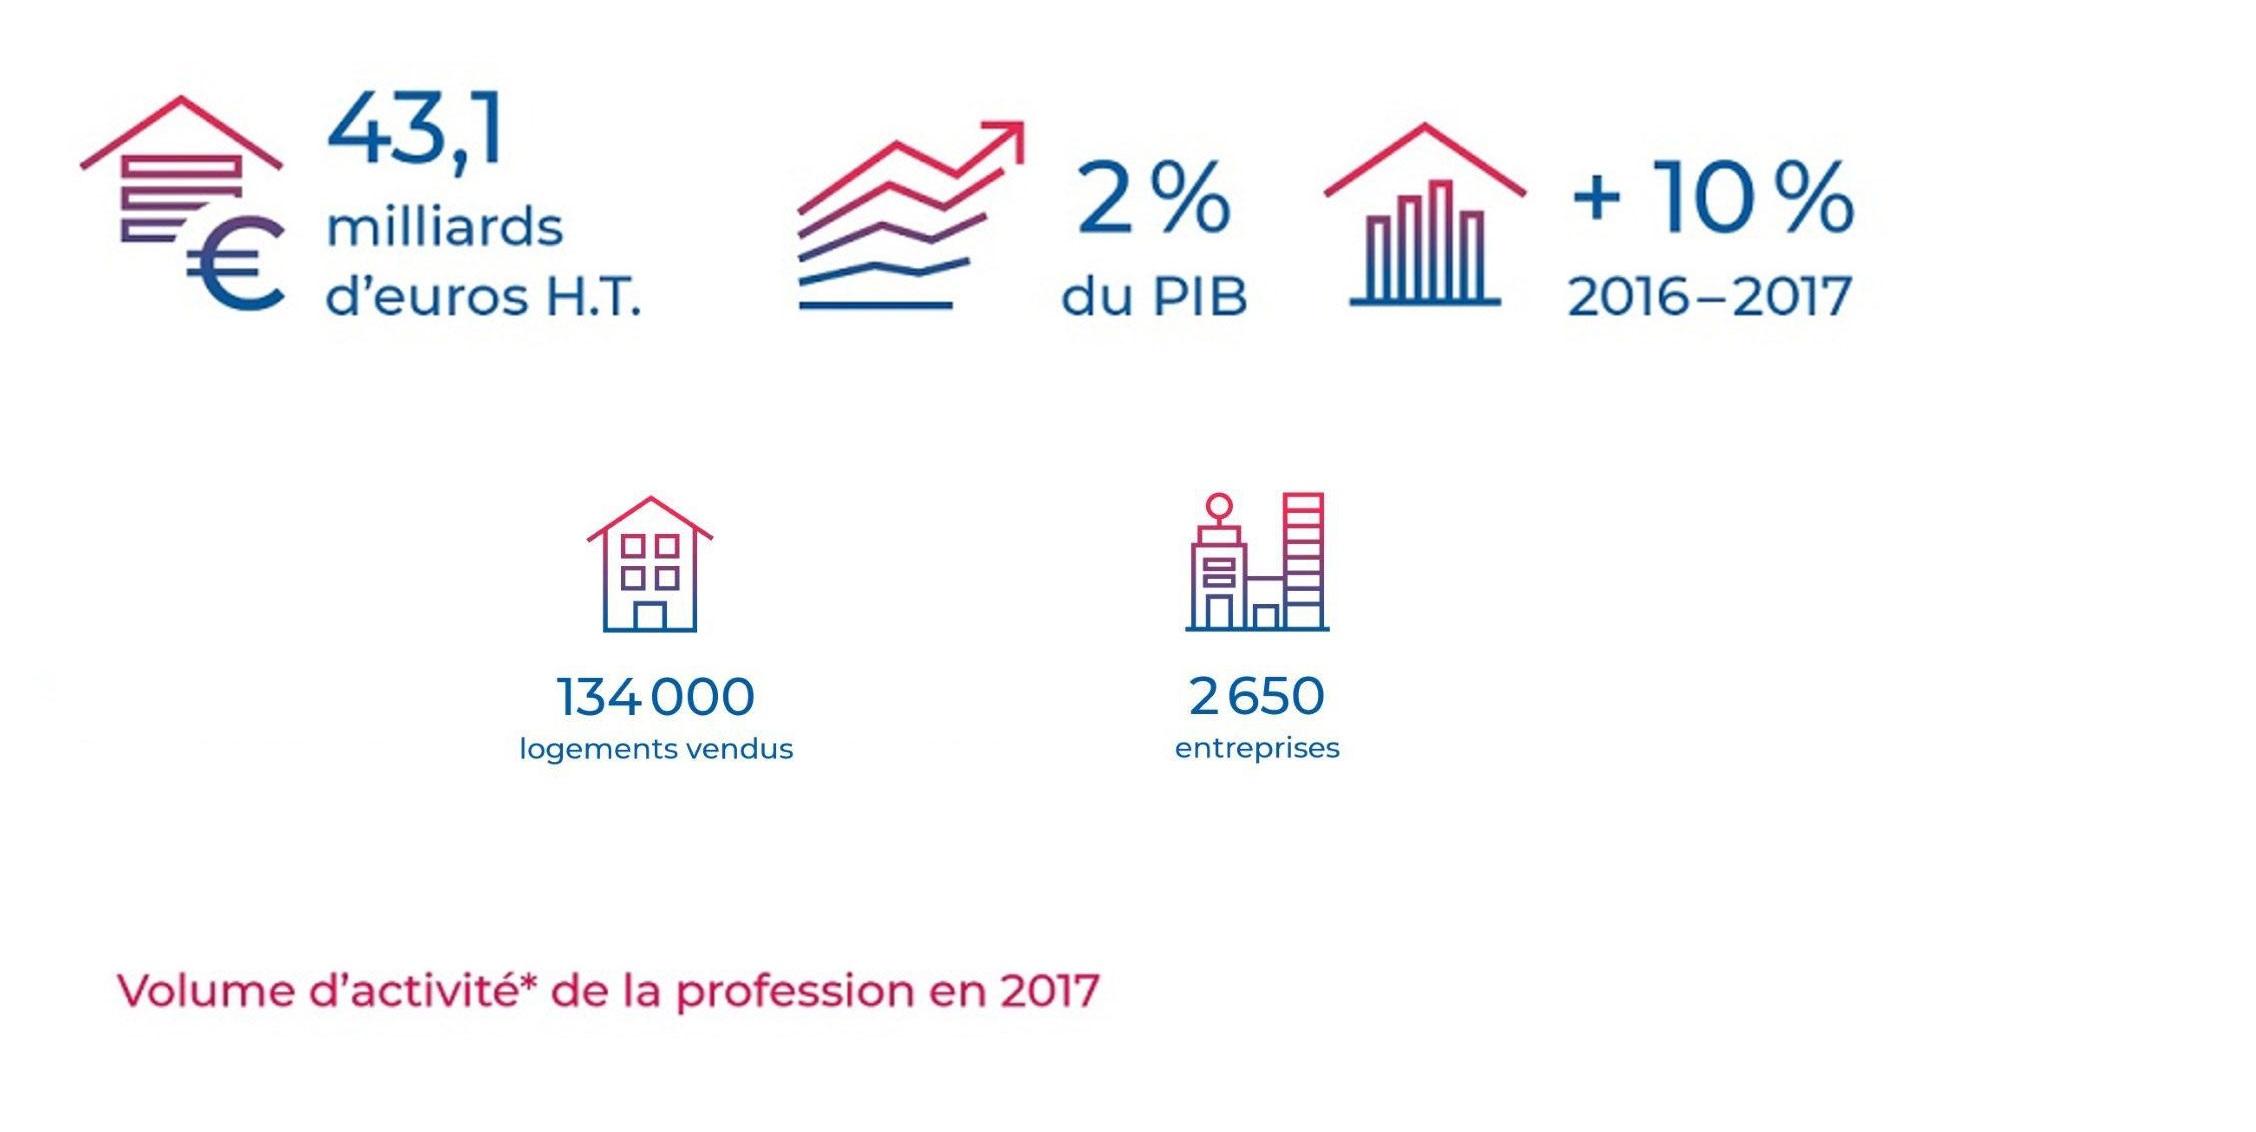 Image chiffres clés de la FPI 2017